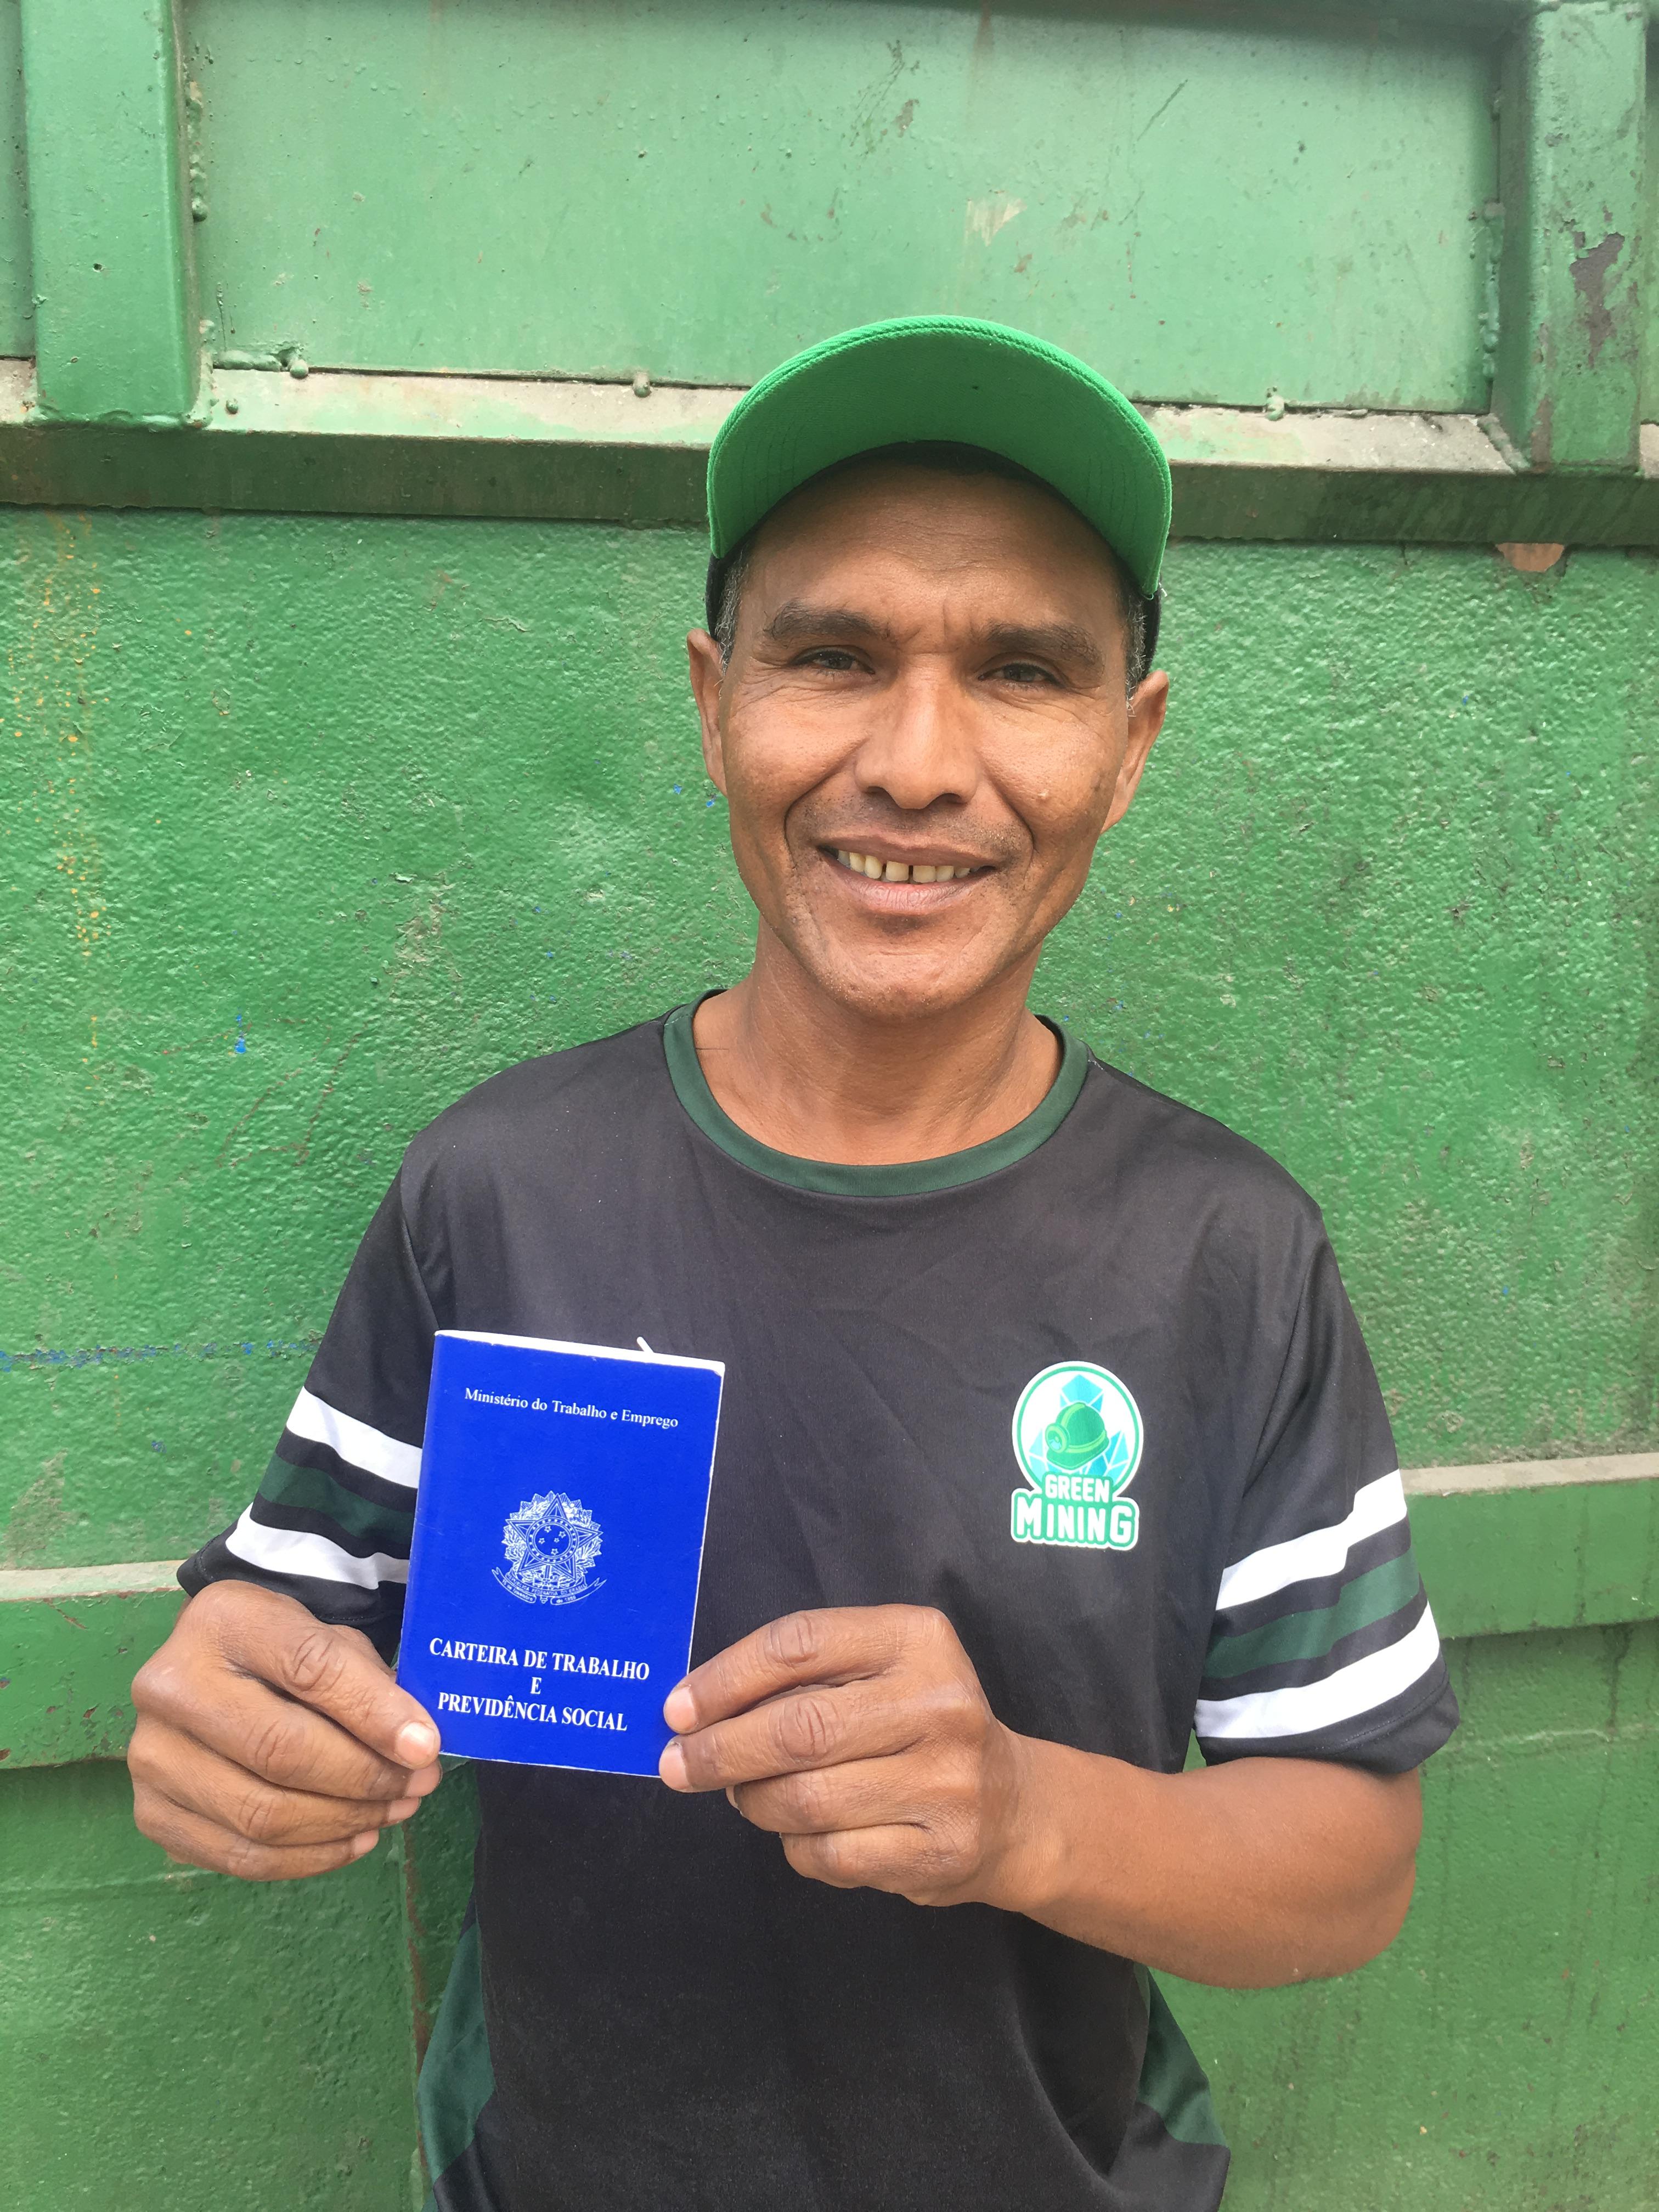 Um dos primeiros contratados da Green Mining, o ex-catador <strong>Antonio Adriano Alexandre</strong> poderá em breve trazer os filhos do Paraná para morar com ele em SP.